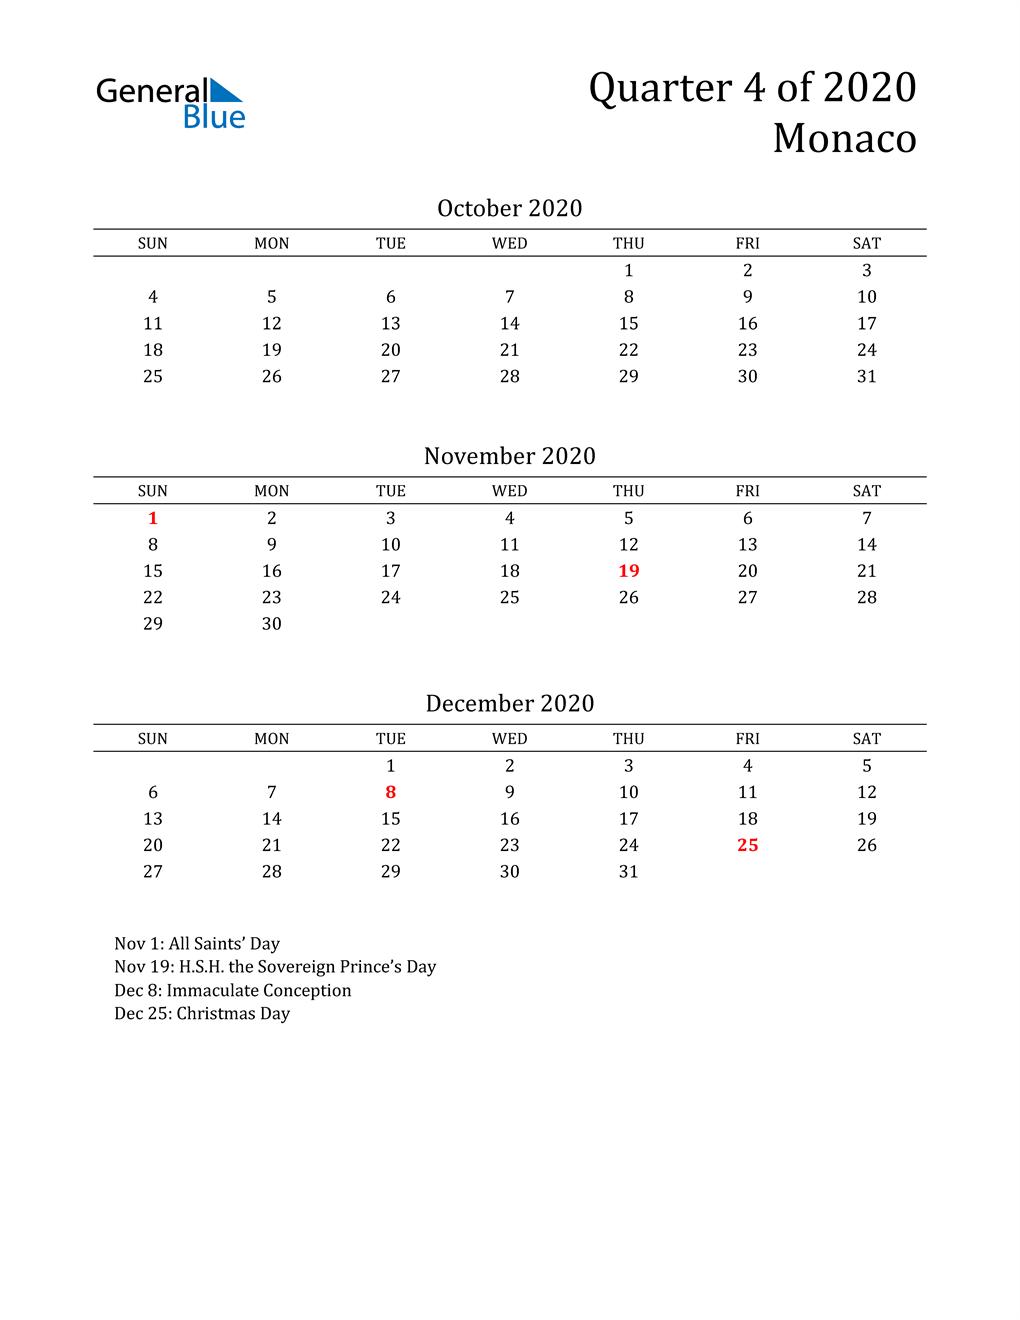 2020 Monaco Quarterly Calendar